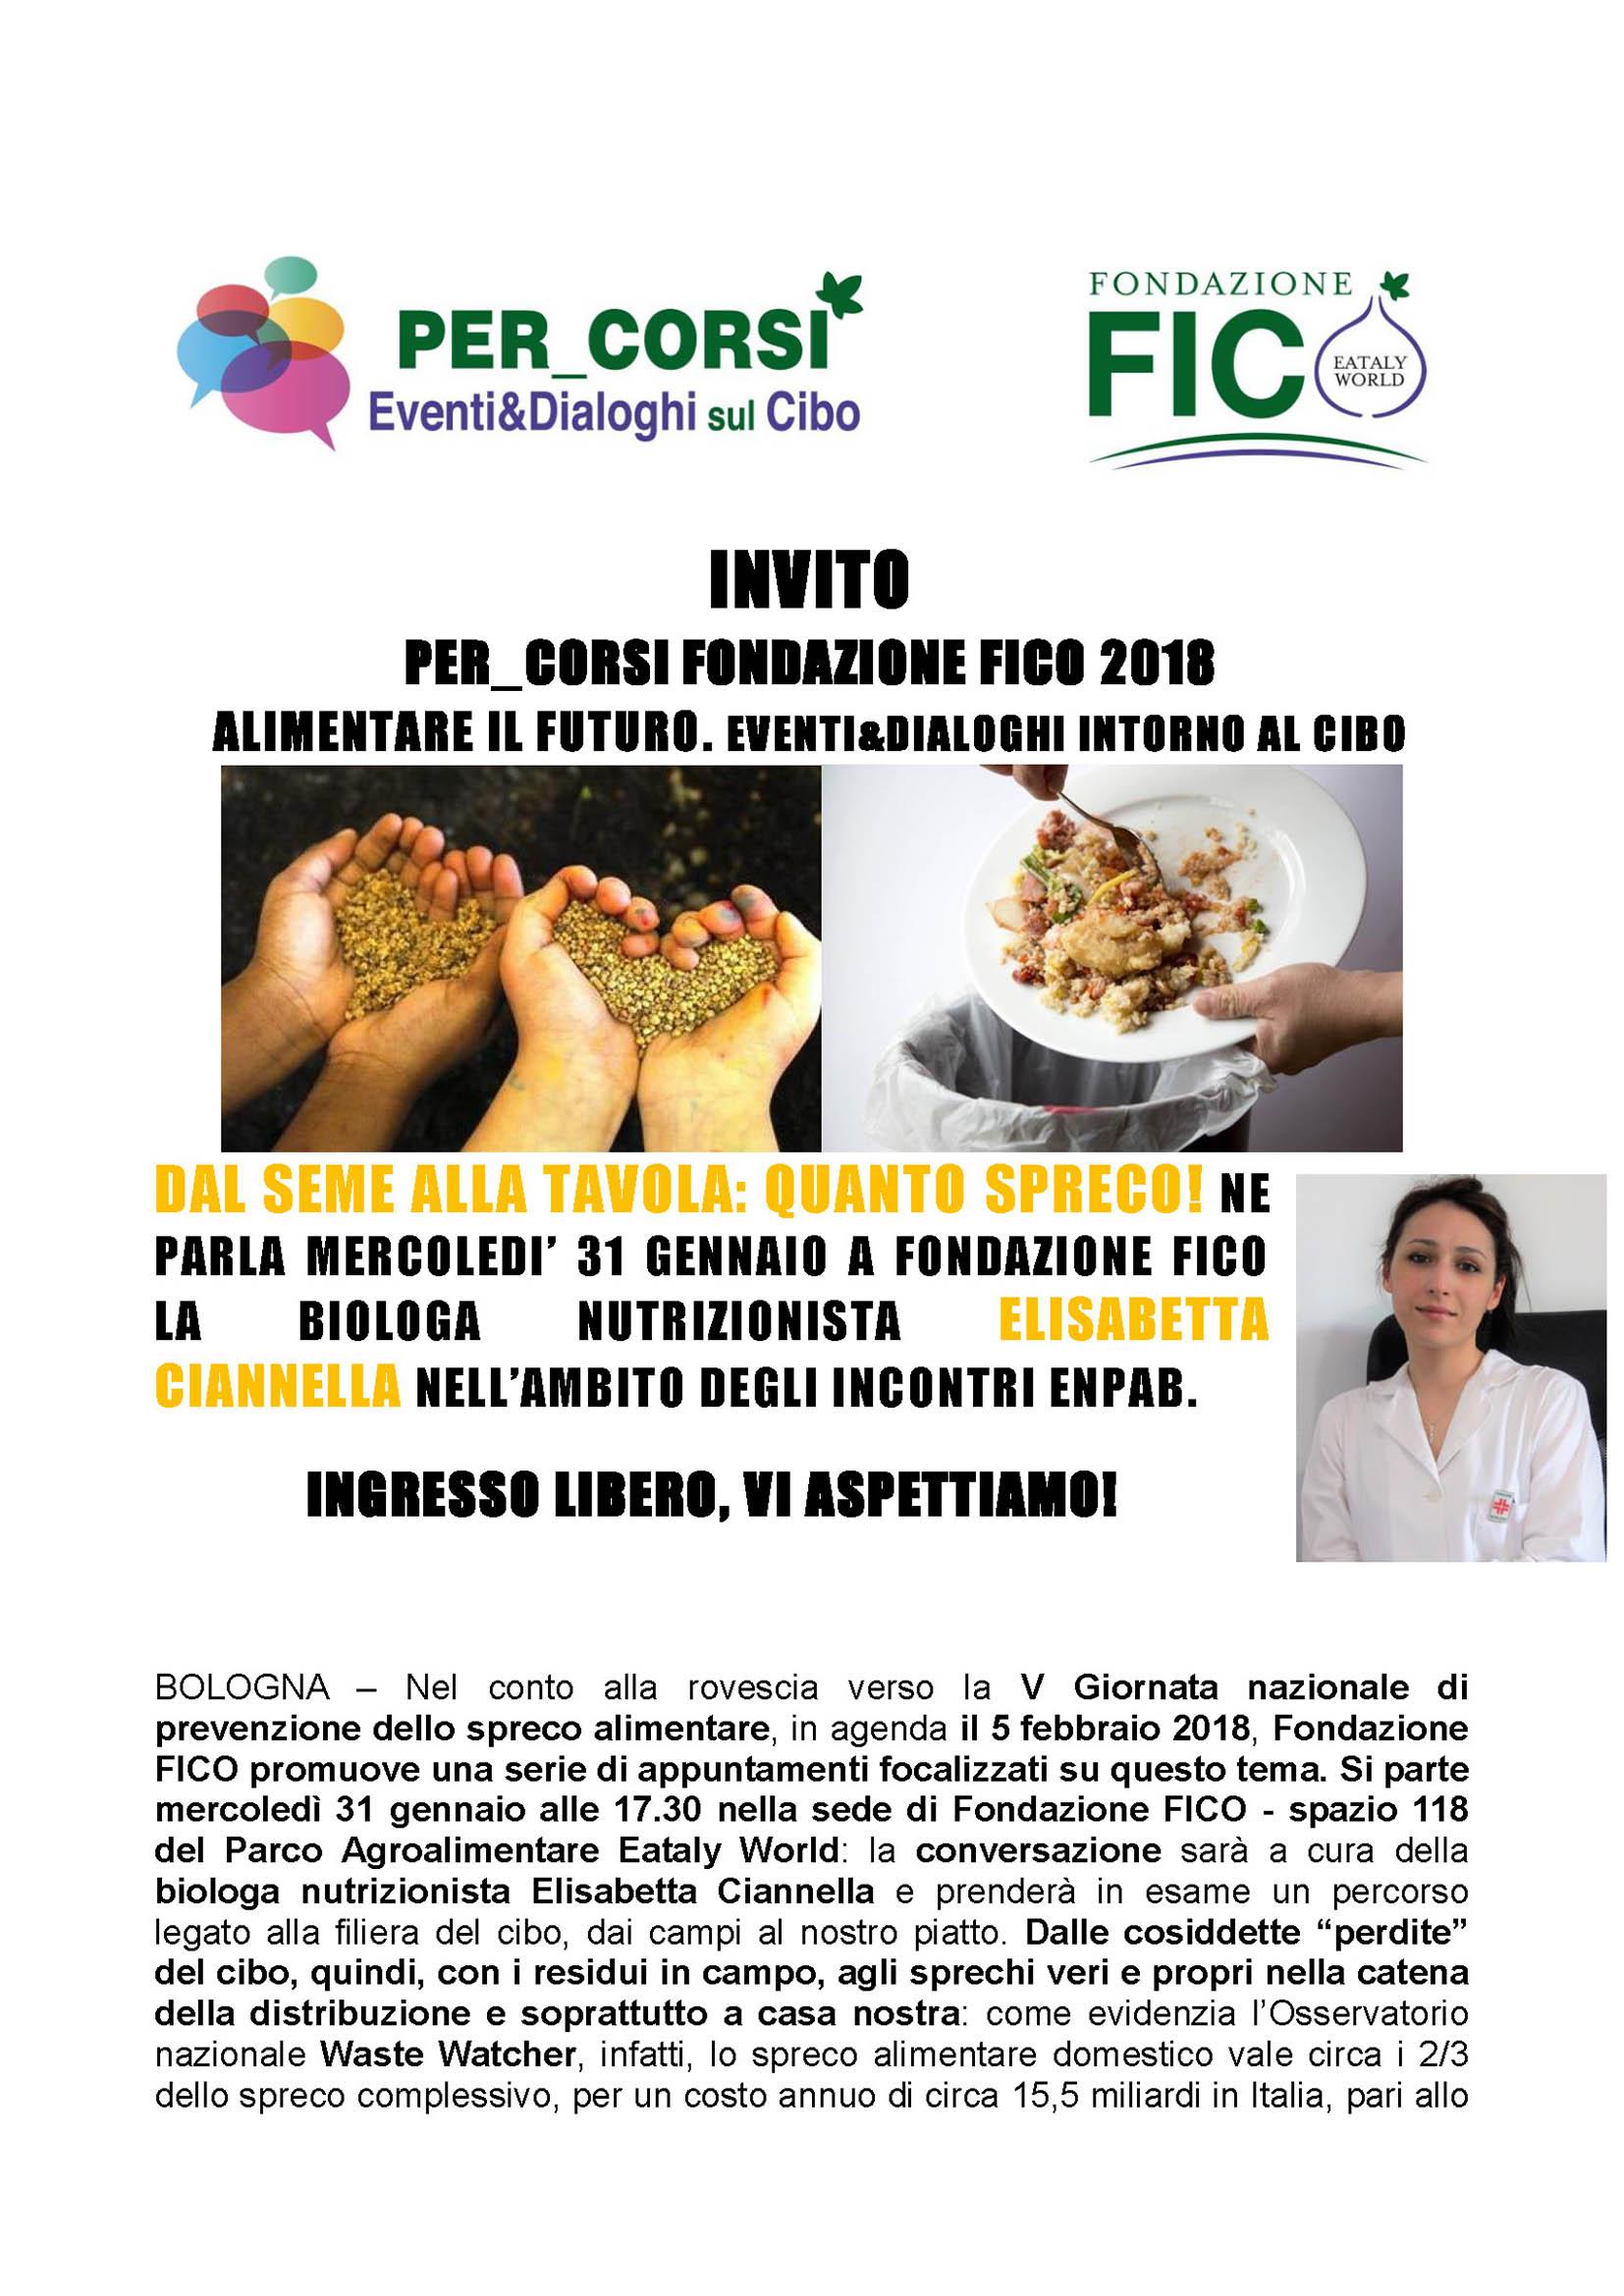 CS-0016-FondazioneFIco-PER_CORSI-31-01-2018_Pagina_1